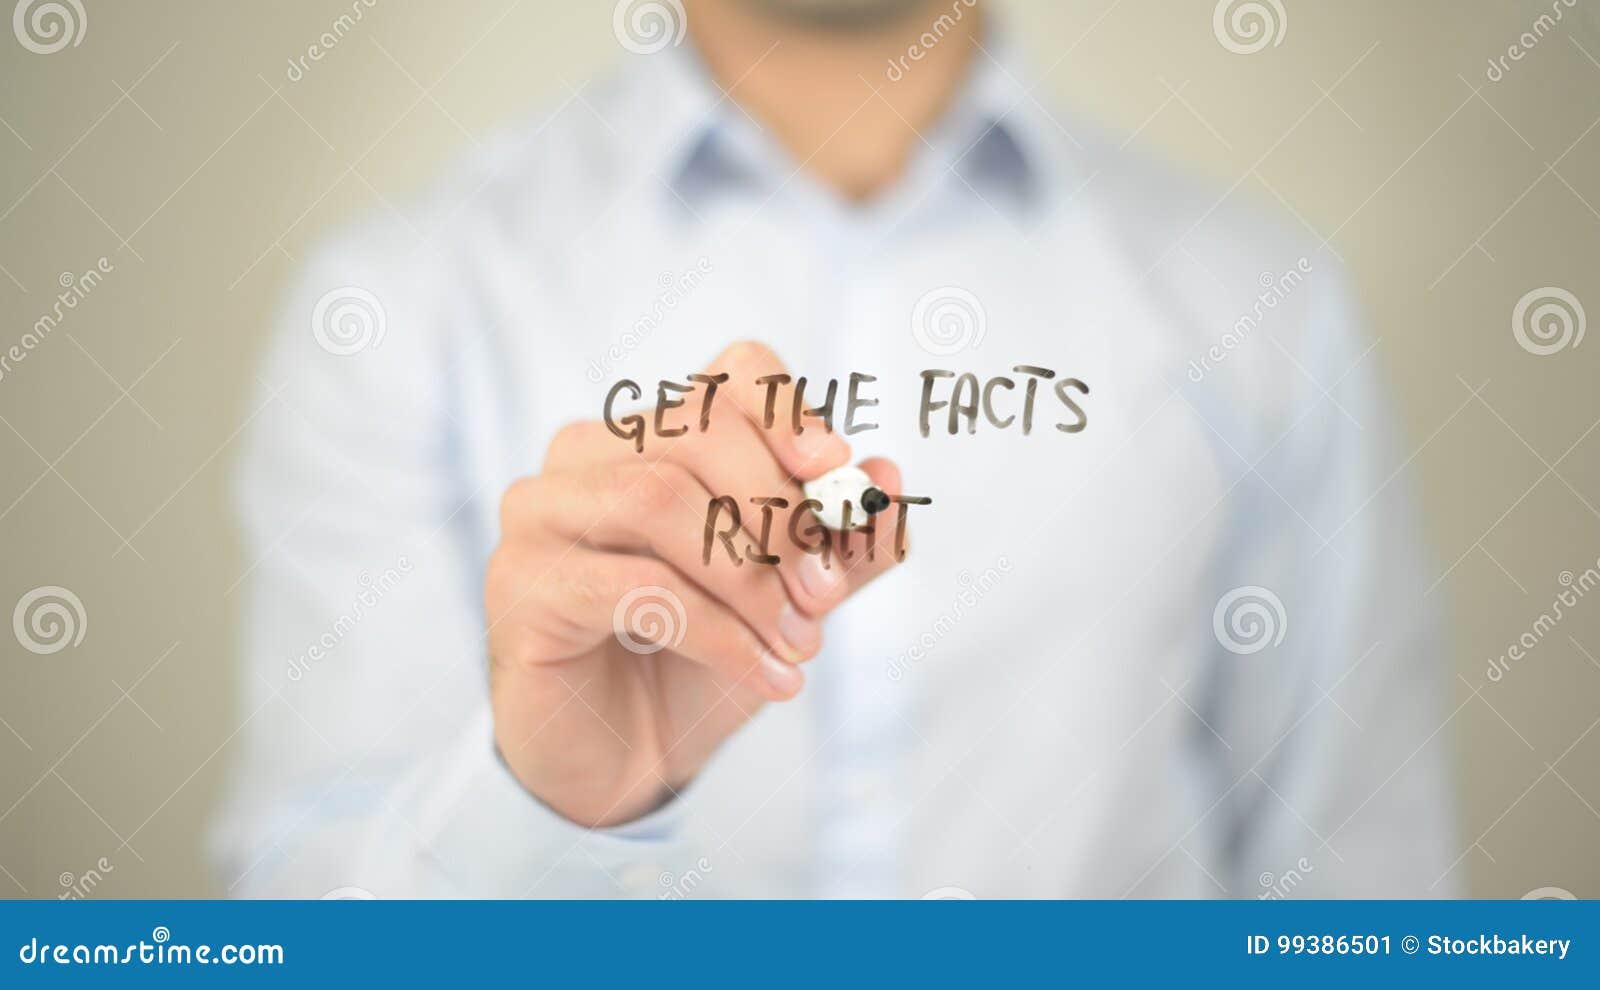 Obtenha os fatos direitos, escrita do homem na tela transparente